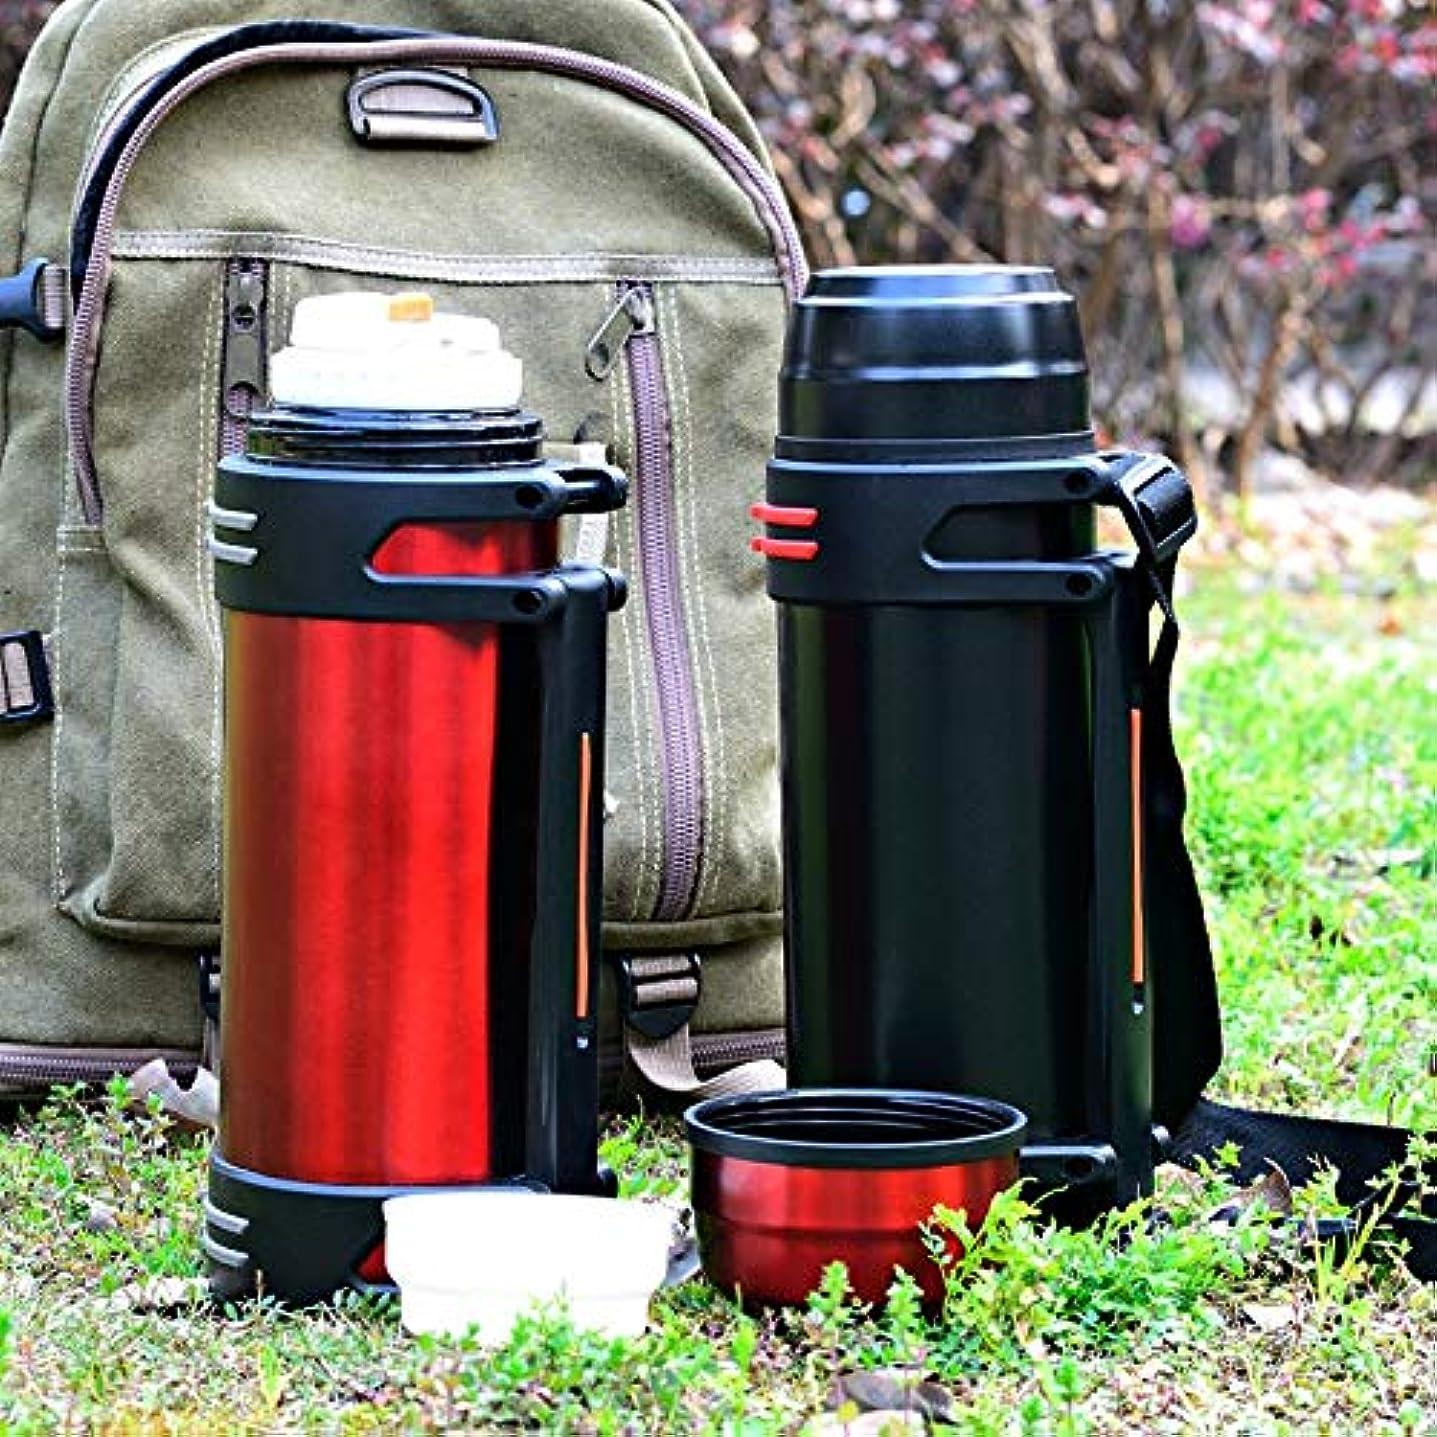 喪慣習骨の折れるXiaoyuna 大容量ステンレス鋼魔法瓶ファッション日常、屋外、自動車用サーモカップポータブル断熱真空カップ3L / 2L (Color : 3L-Black, Size : One size)